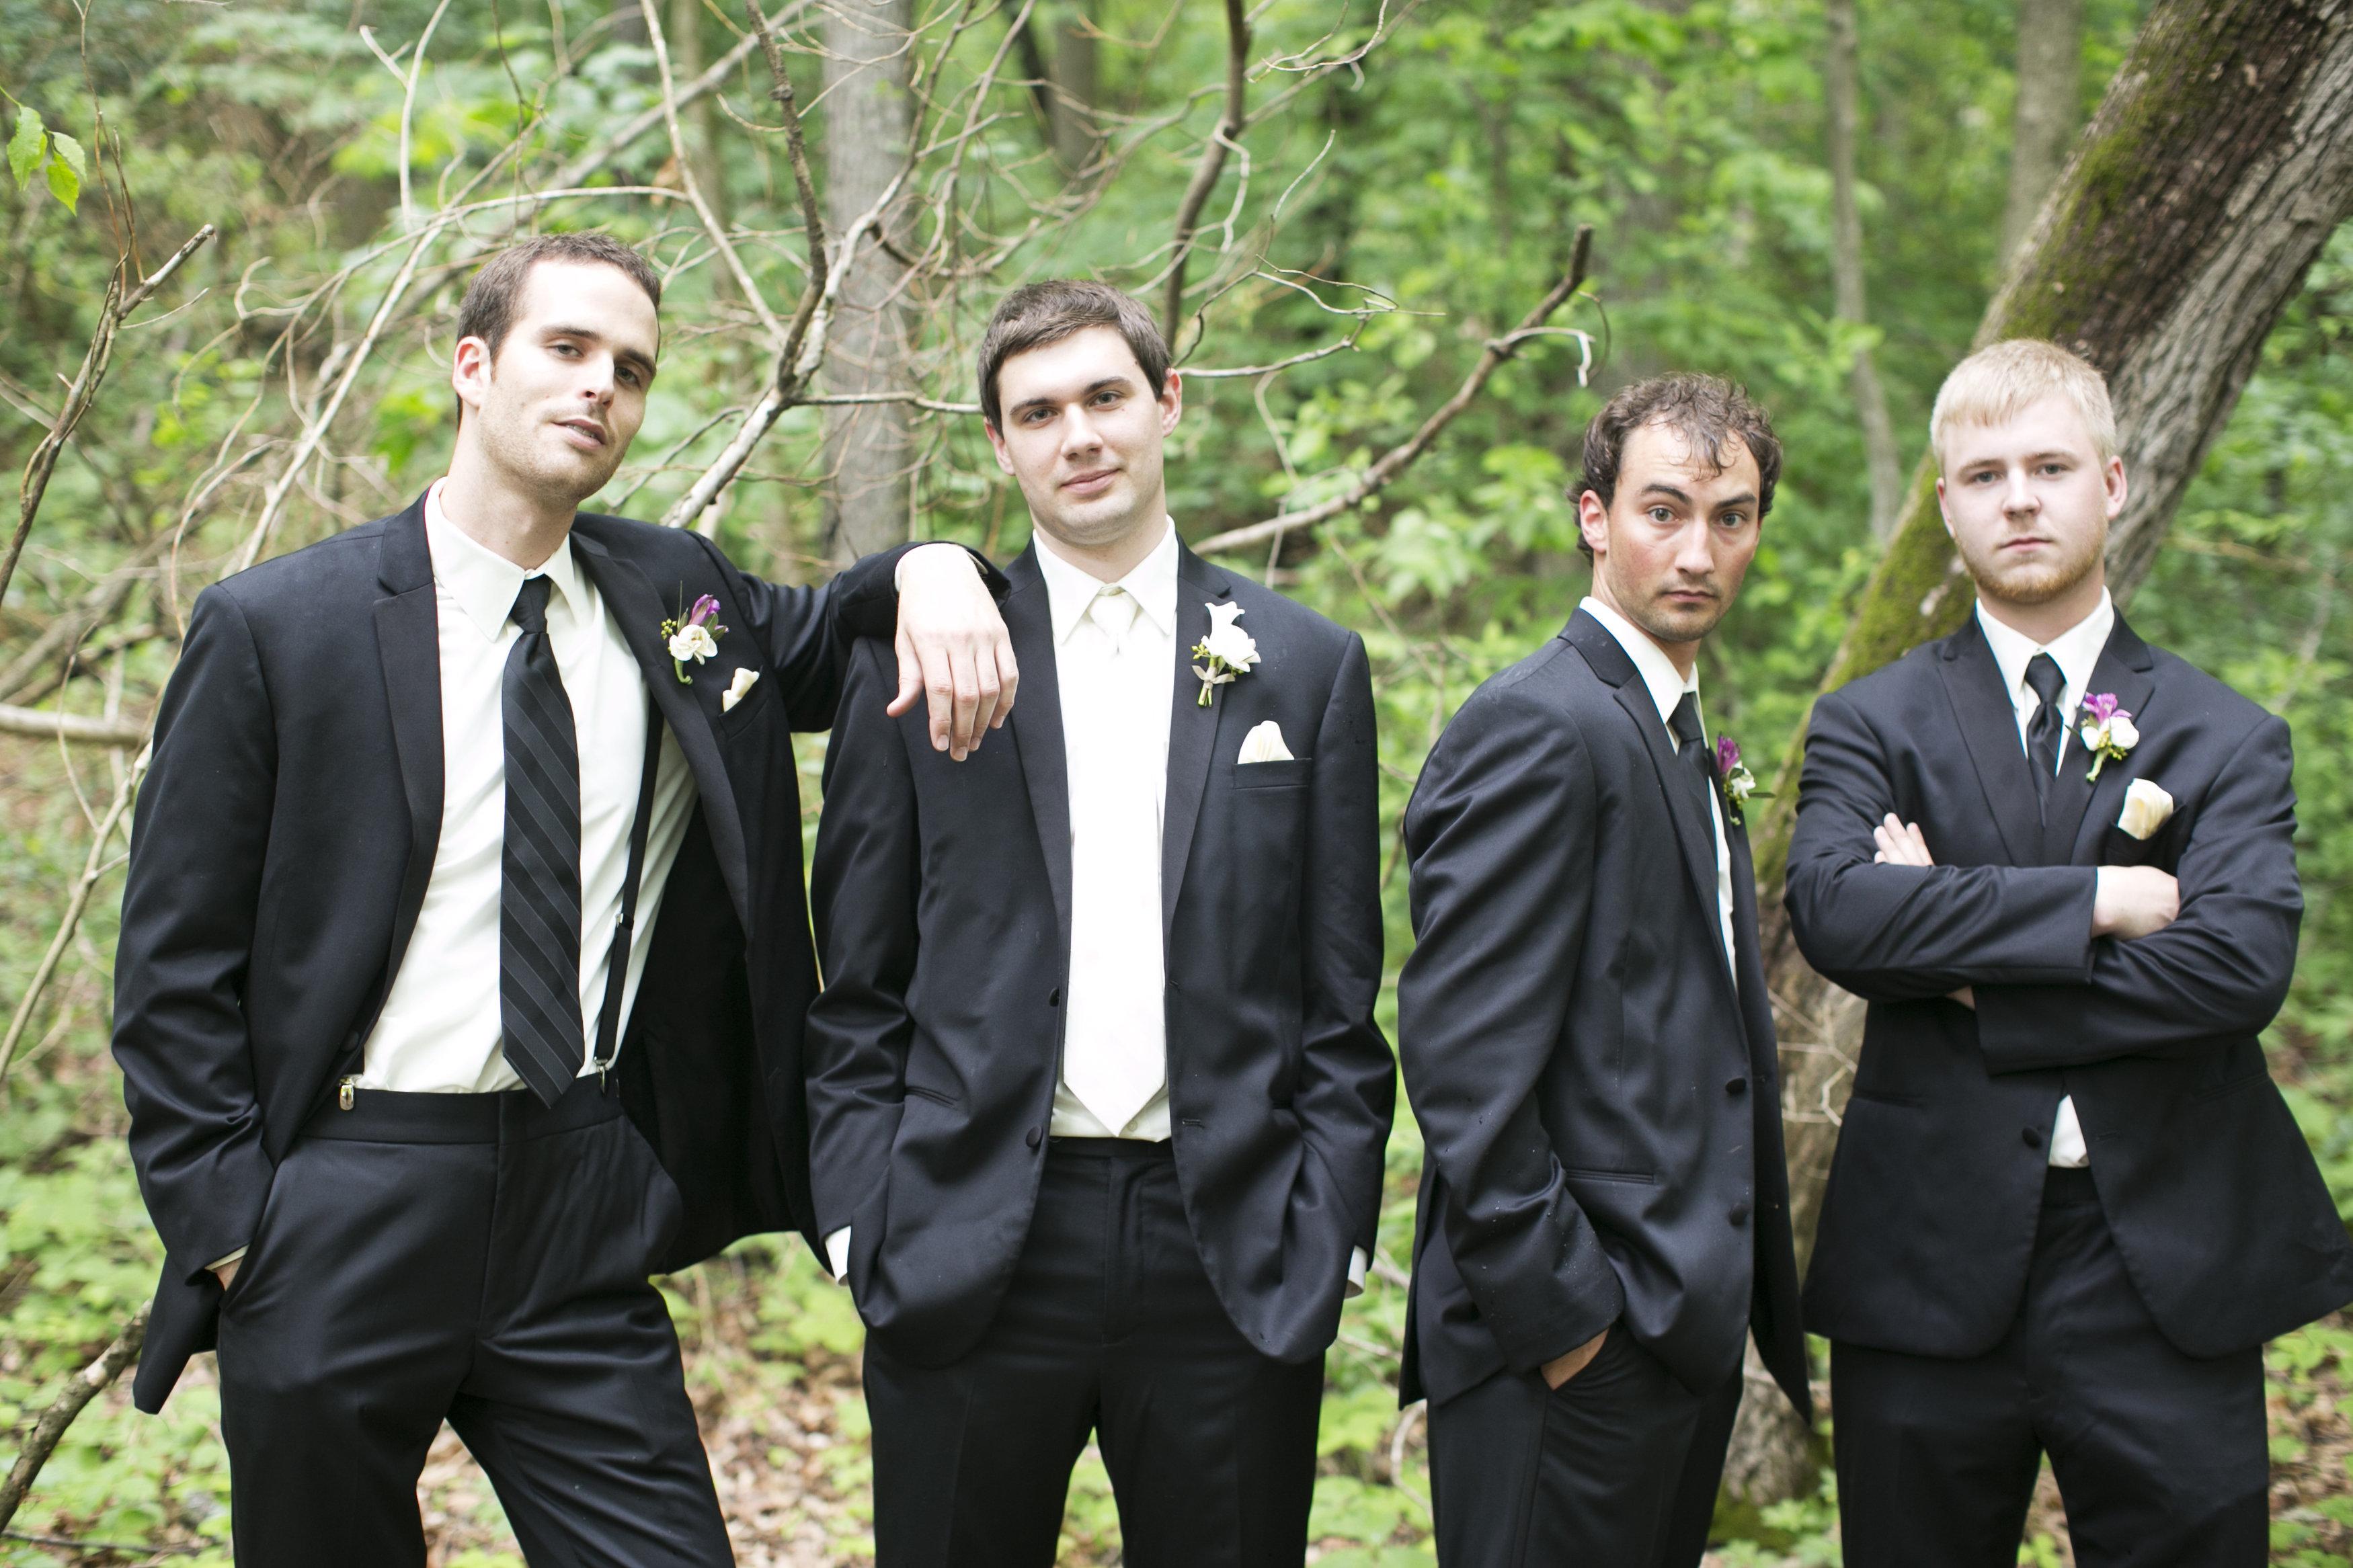 groom and groomsmen in black suits